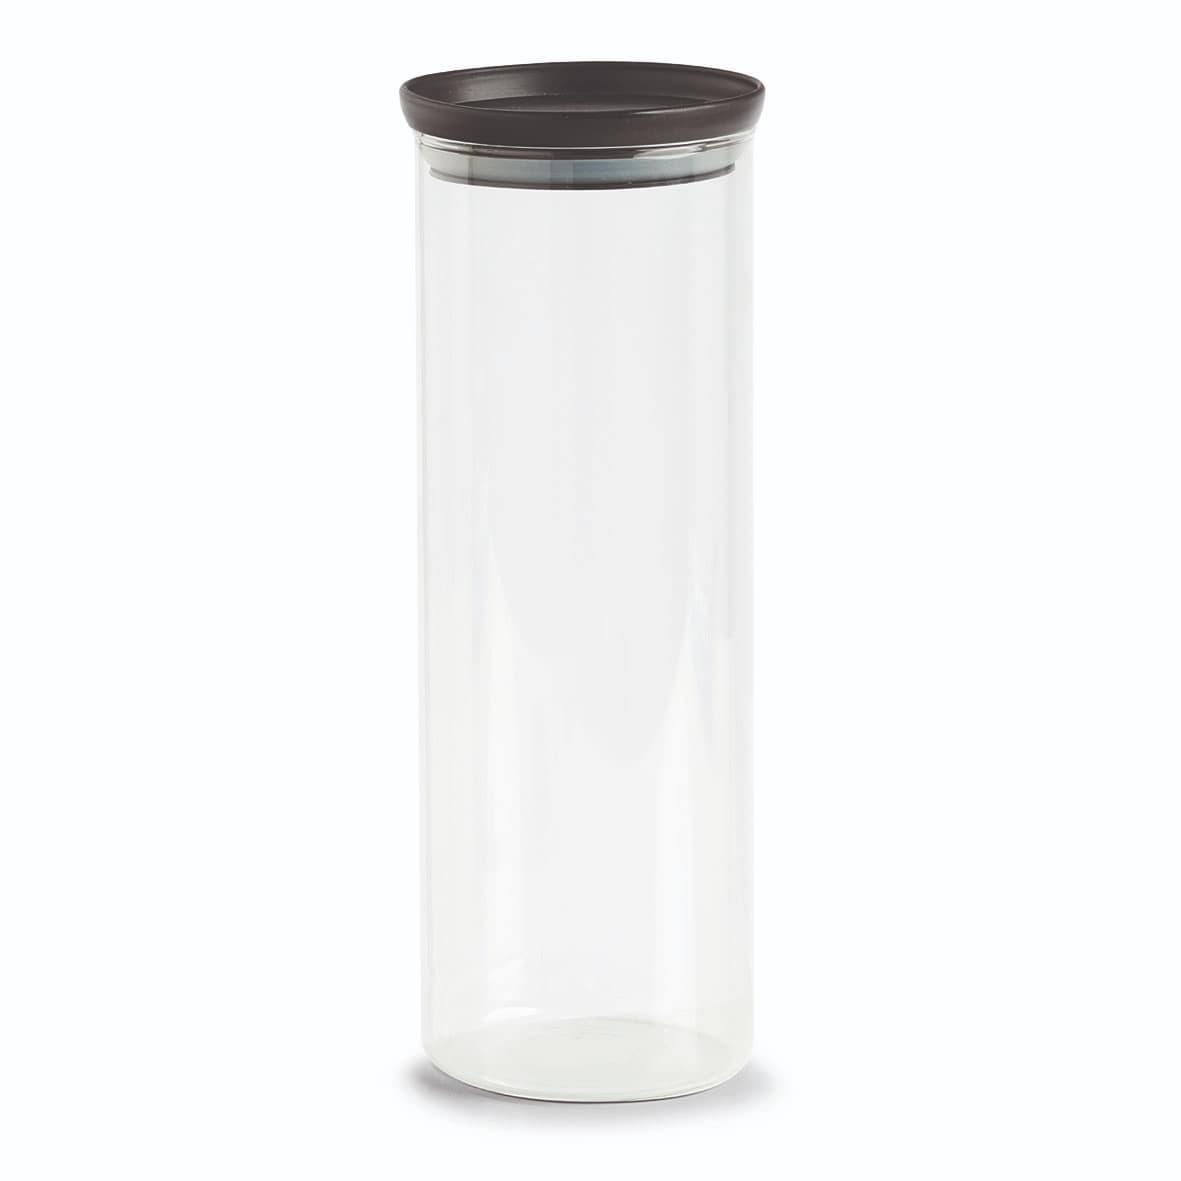 Recipient pentru depozitare cu capac etans, din sticla, Classic Extra Tall Transparent / Negru, 1650 ml, Ø10,3xH28,1 cm poza